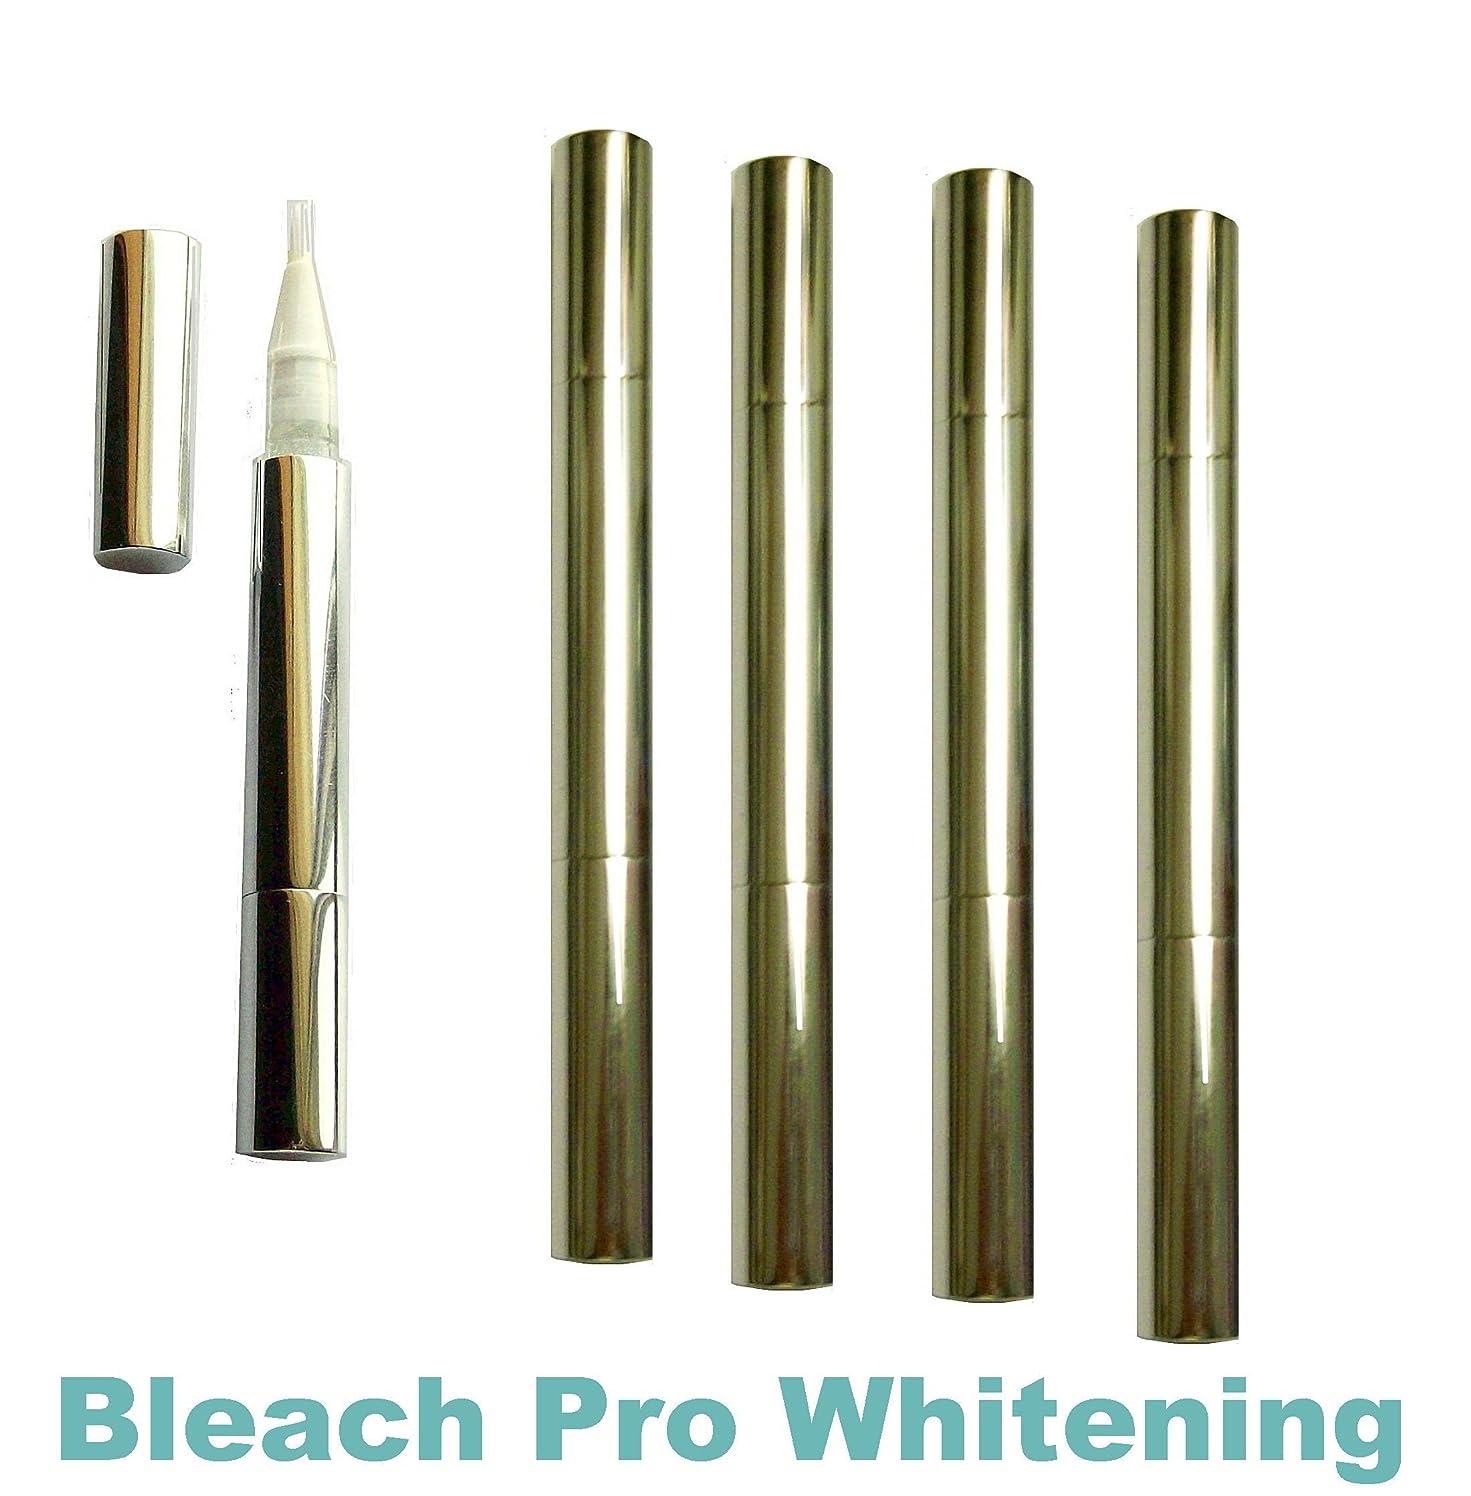 トーンエレメンタル赤ちゃんTeeth Whitening Gel Pens 35% Carbamide Peroxide Tooth Bleaching Formula Pen with Brush Tip Gel Dispenser. 5 Whitening Pens. by Bleach Pro Whitening